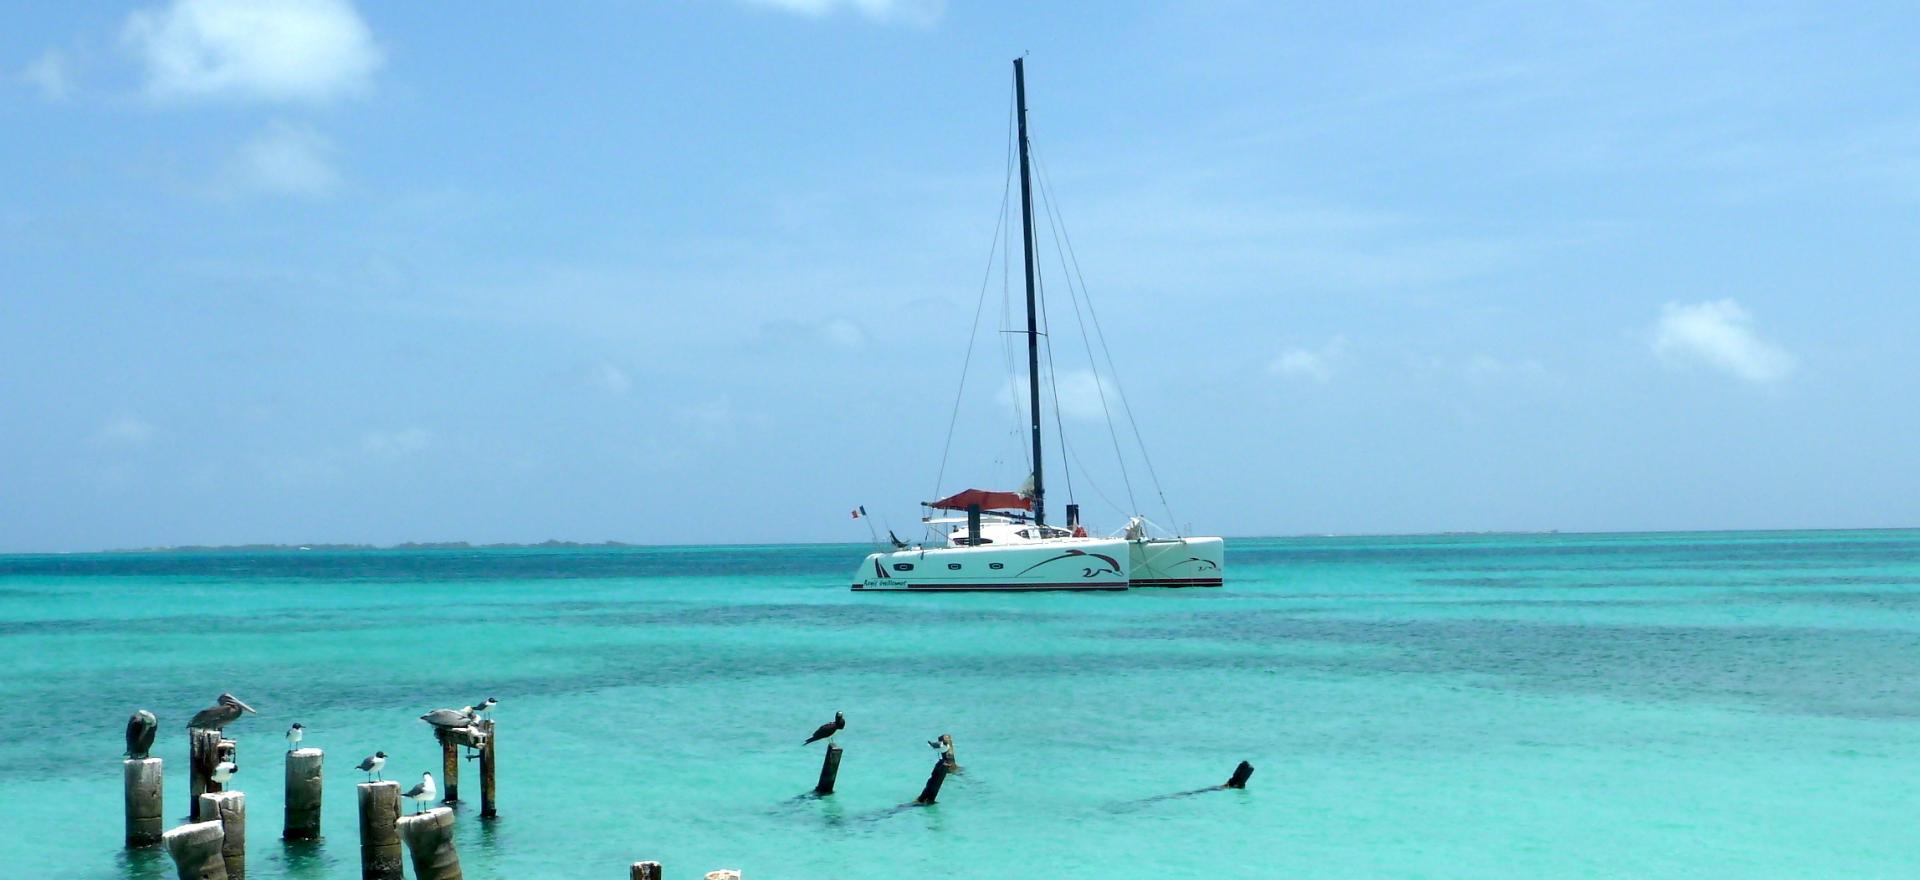 TS 50 au mouillage dans les eaux turquoise des Caraïbes